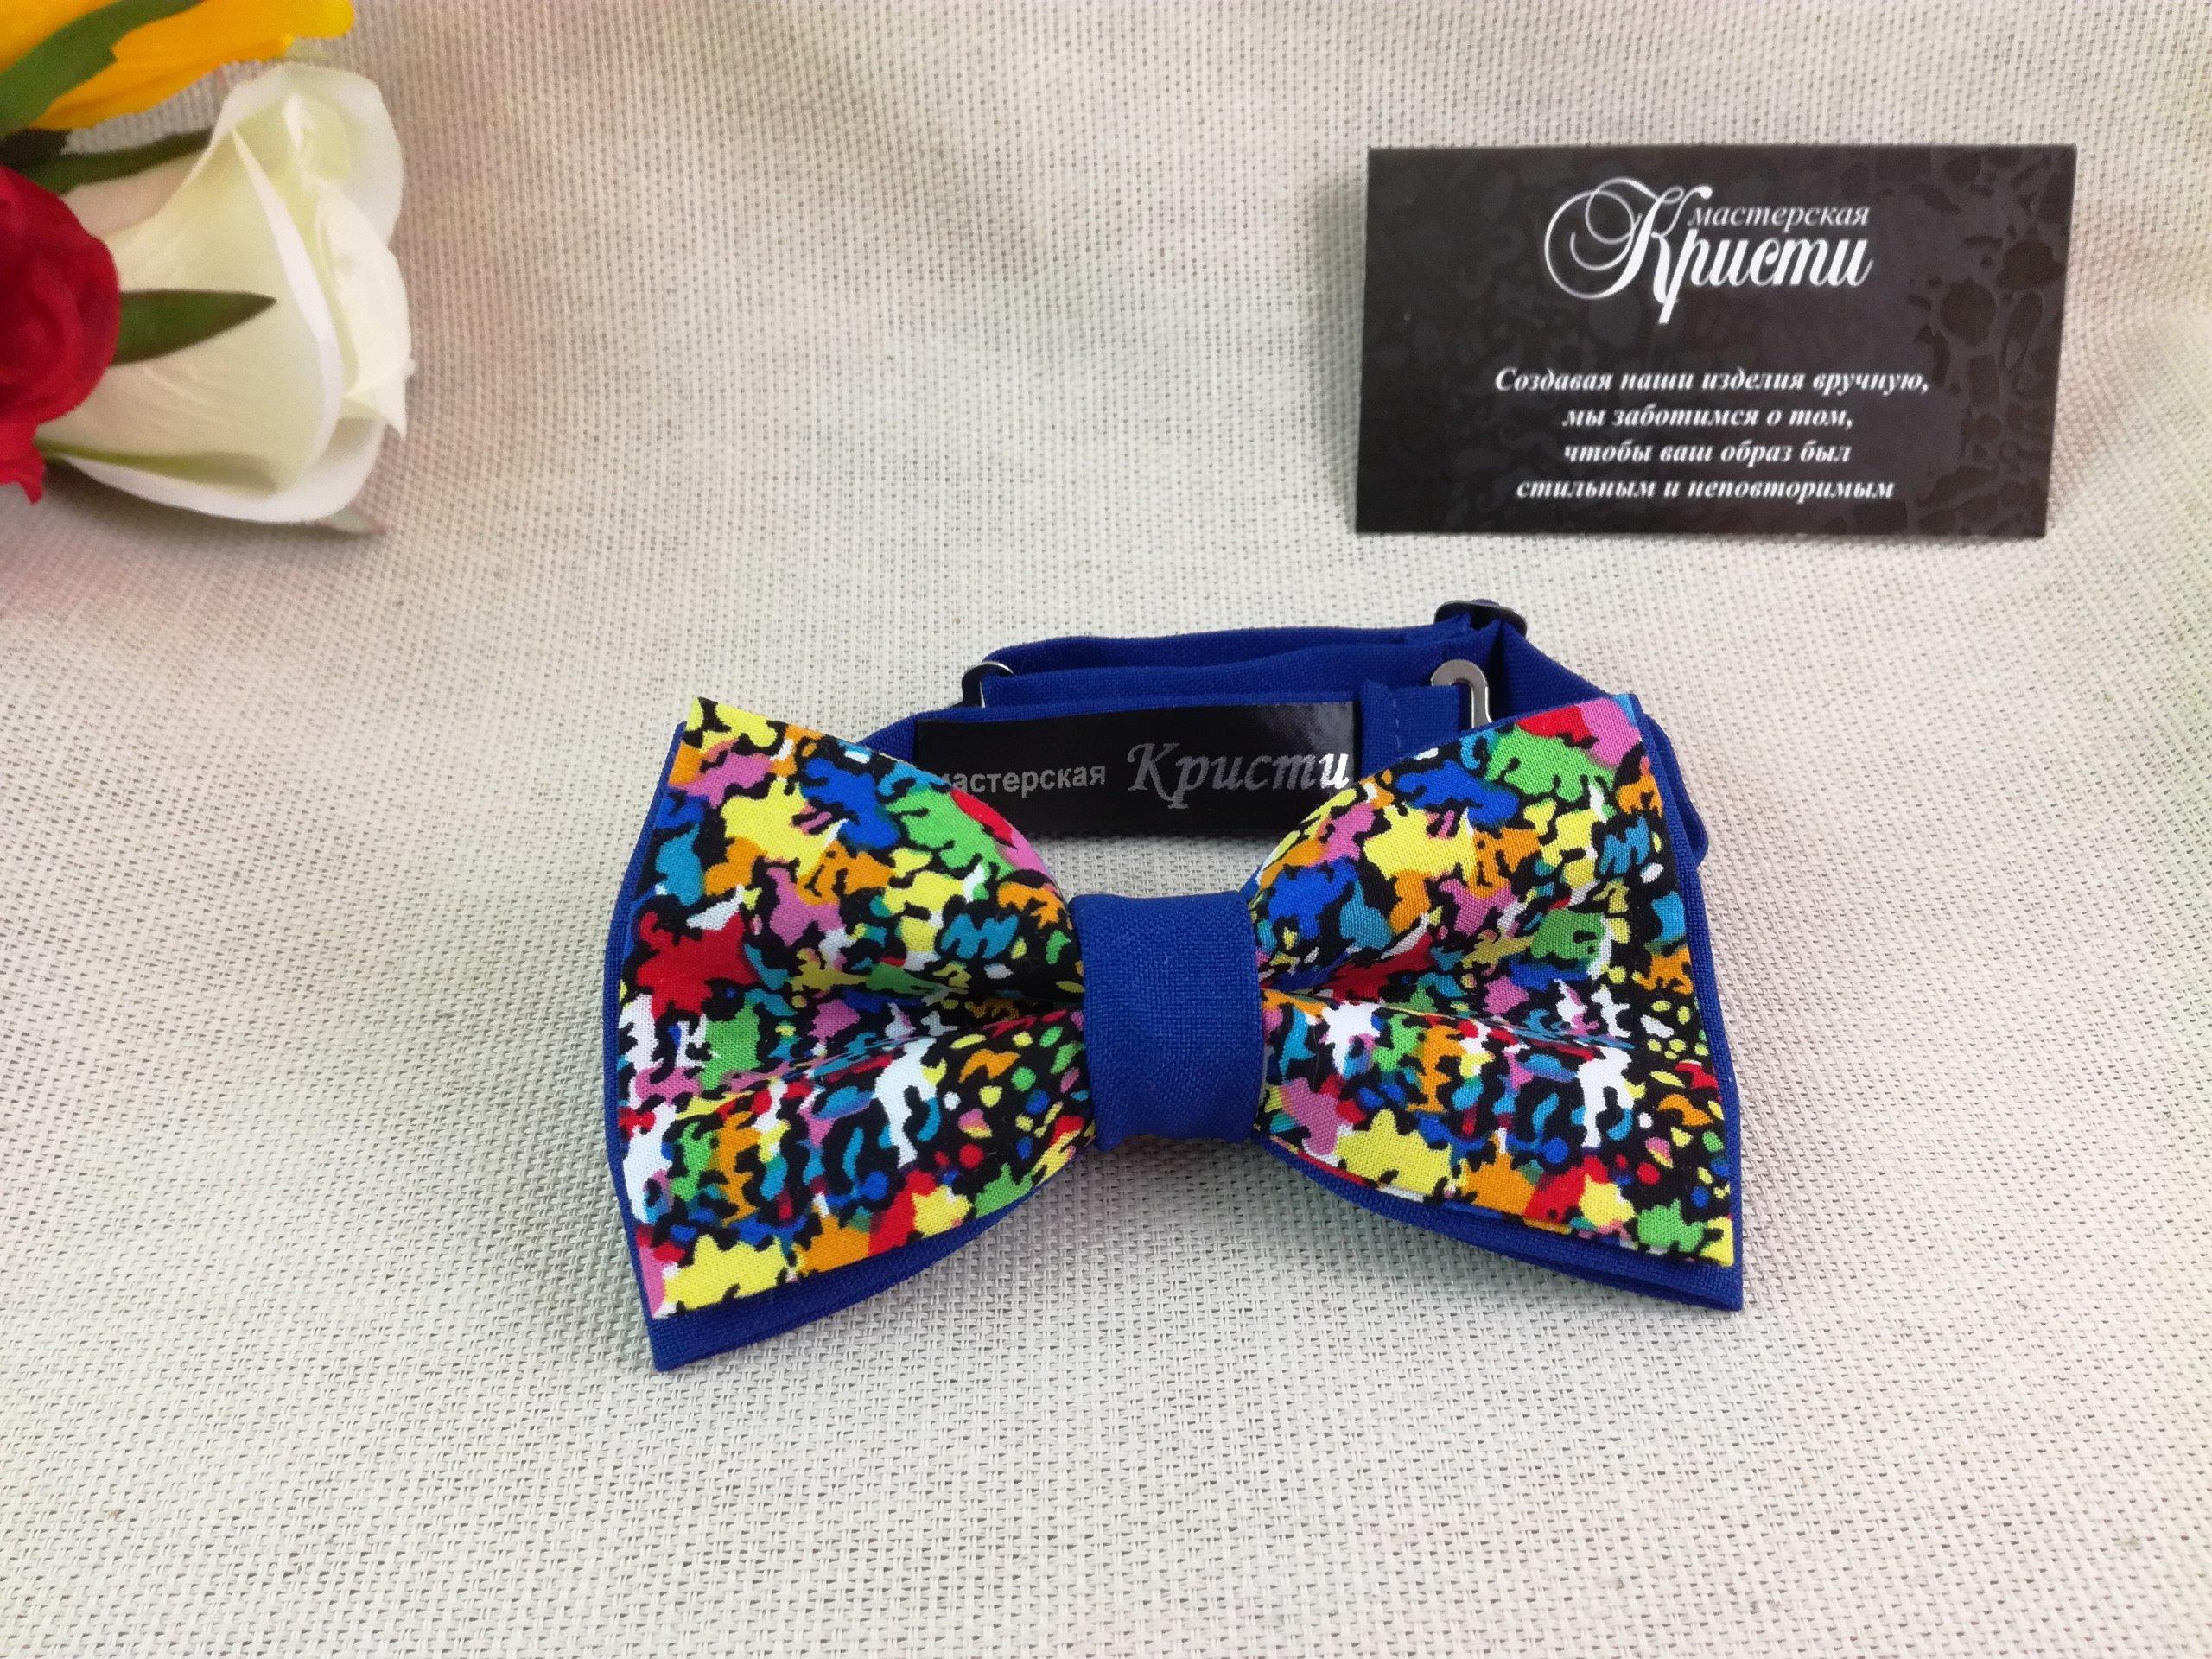 Кристи - мастерская индивидуальных галстуков | Визитки с 3D-лаком